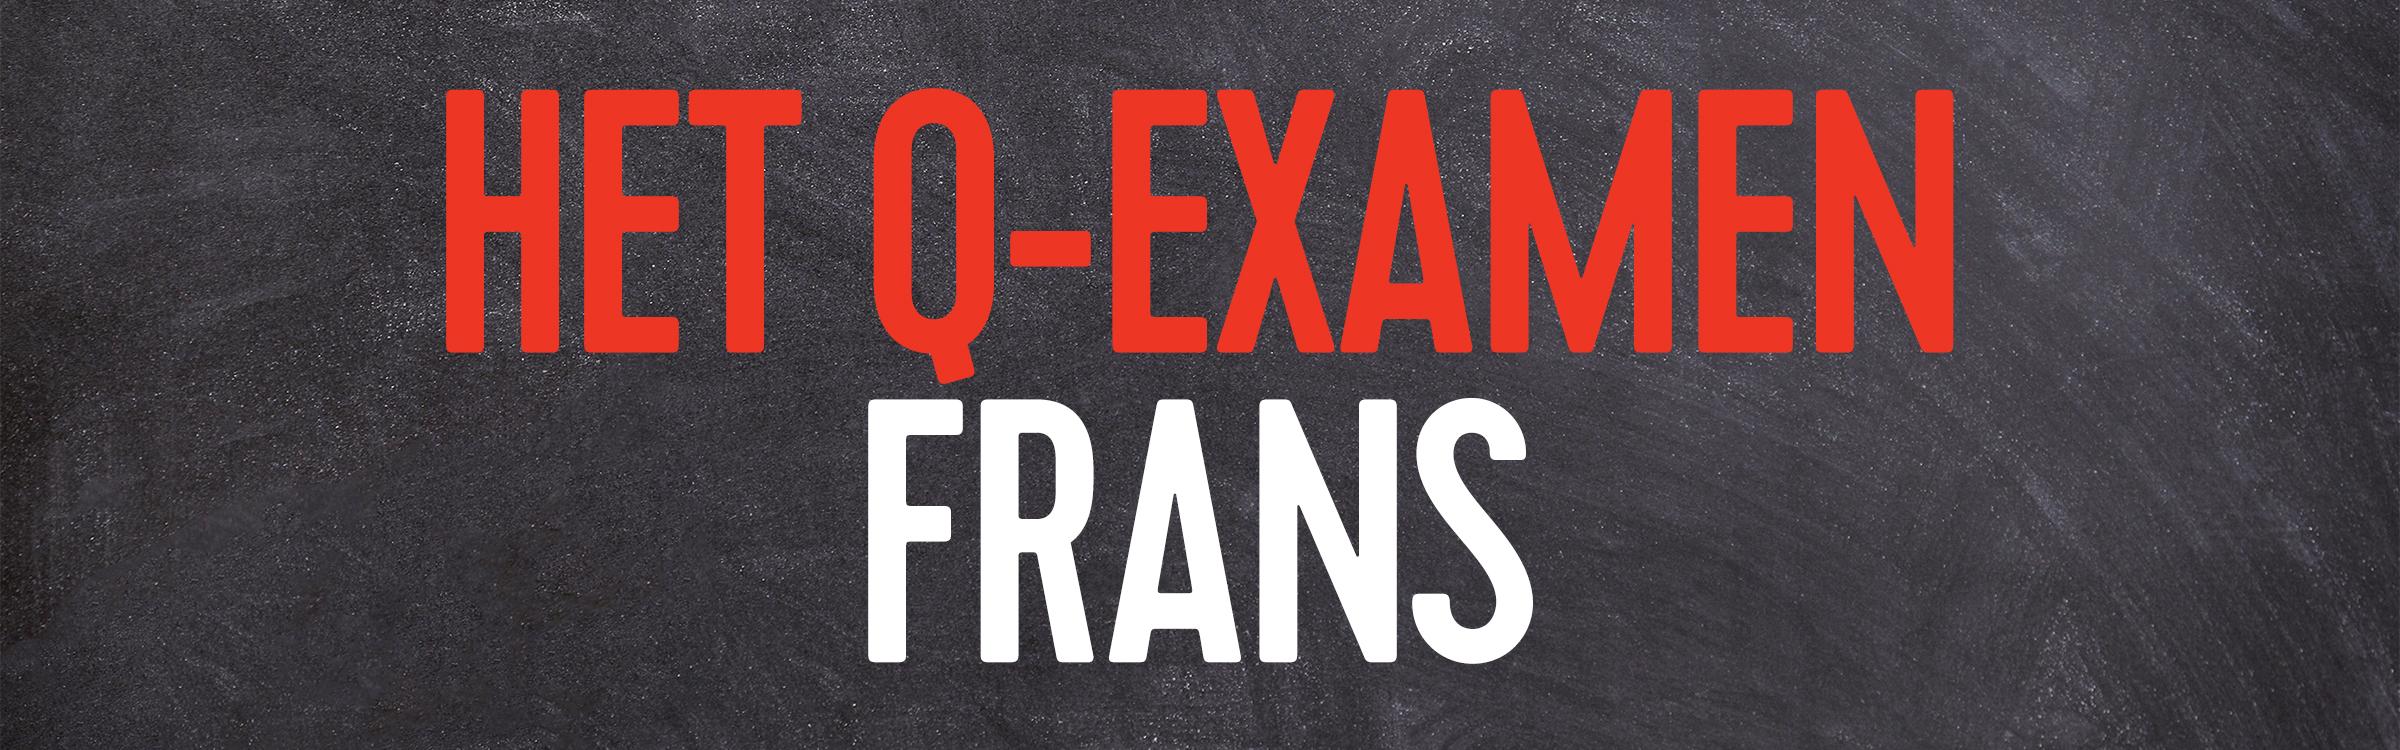 Q examen frans header